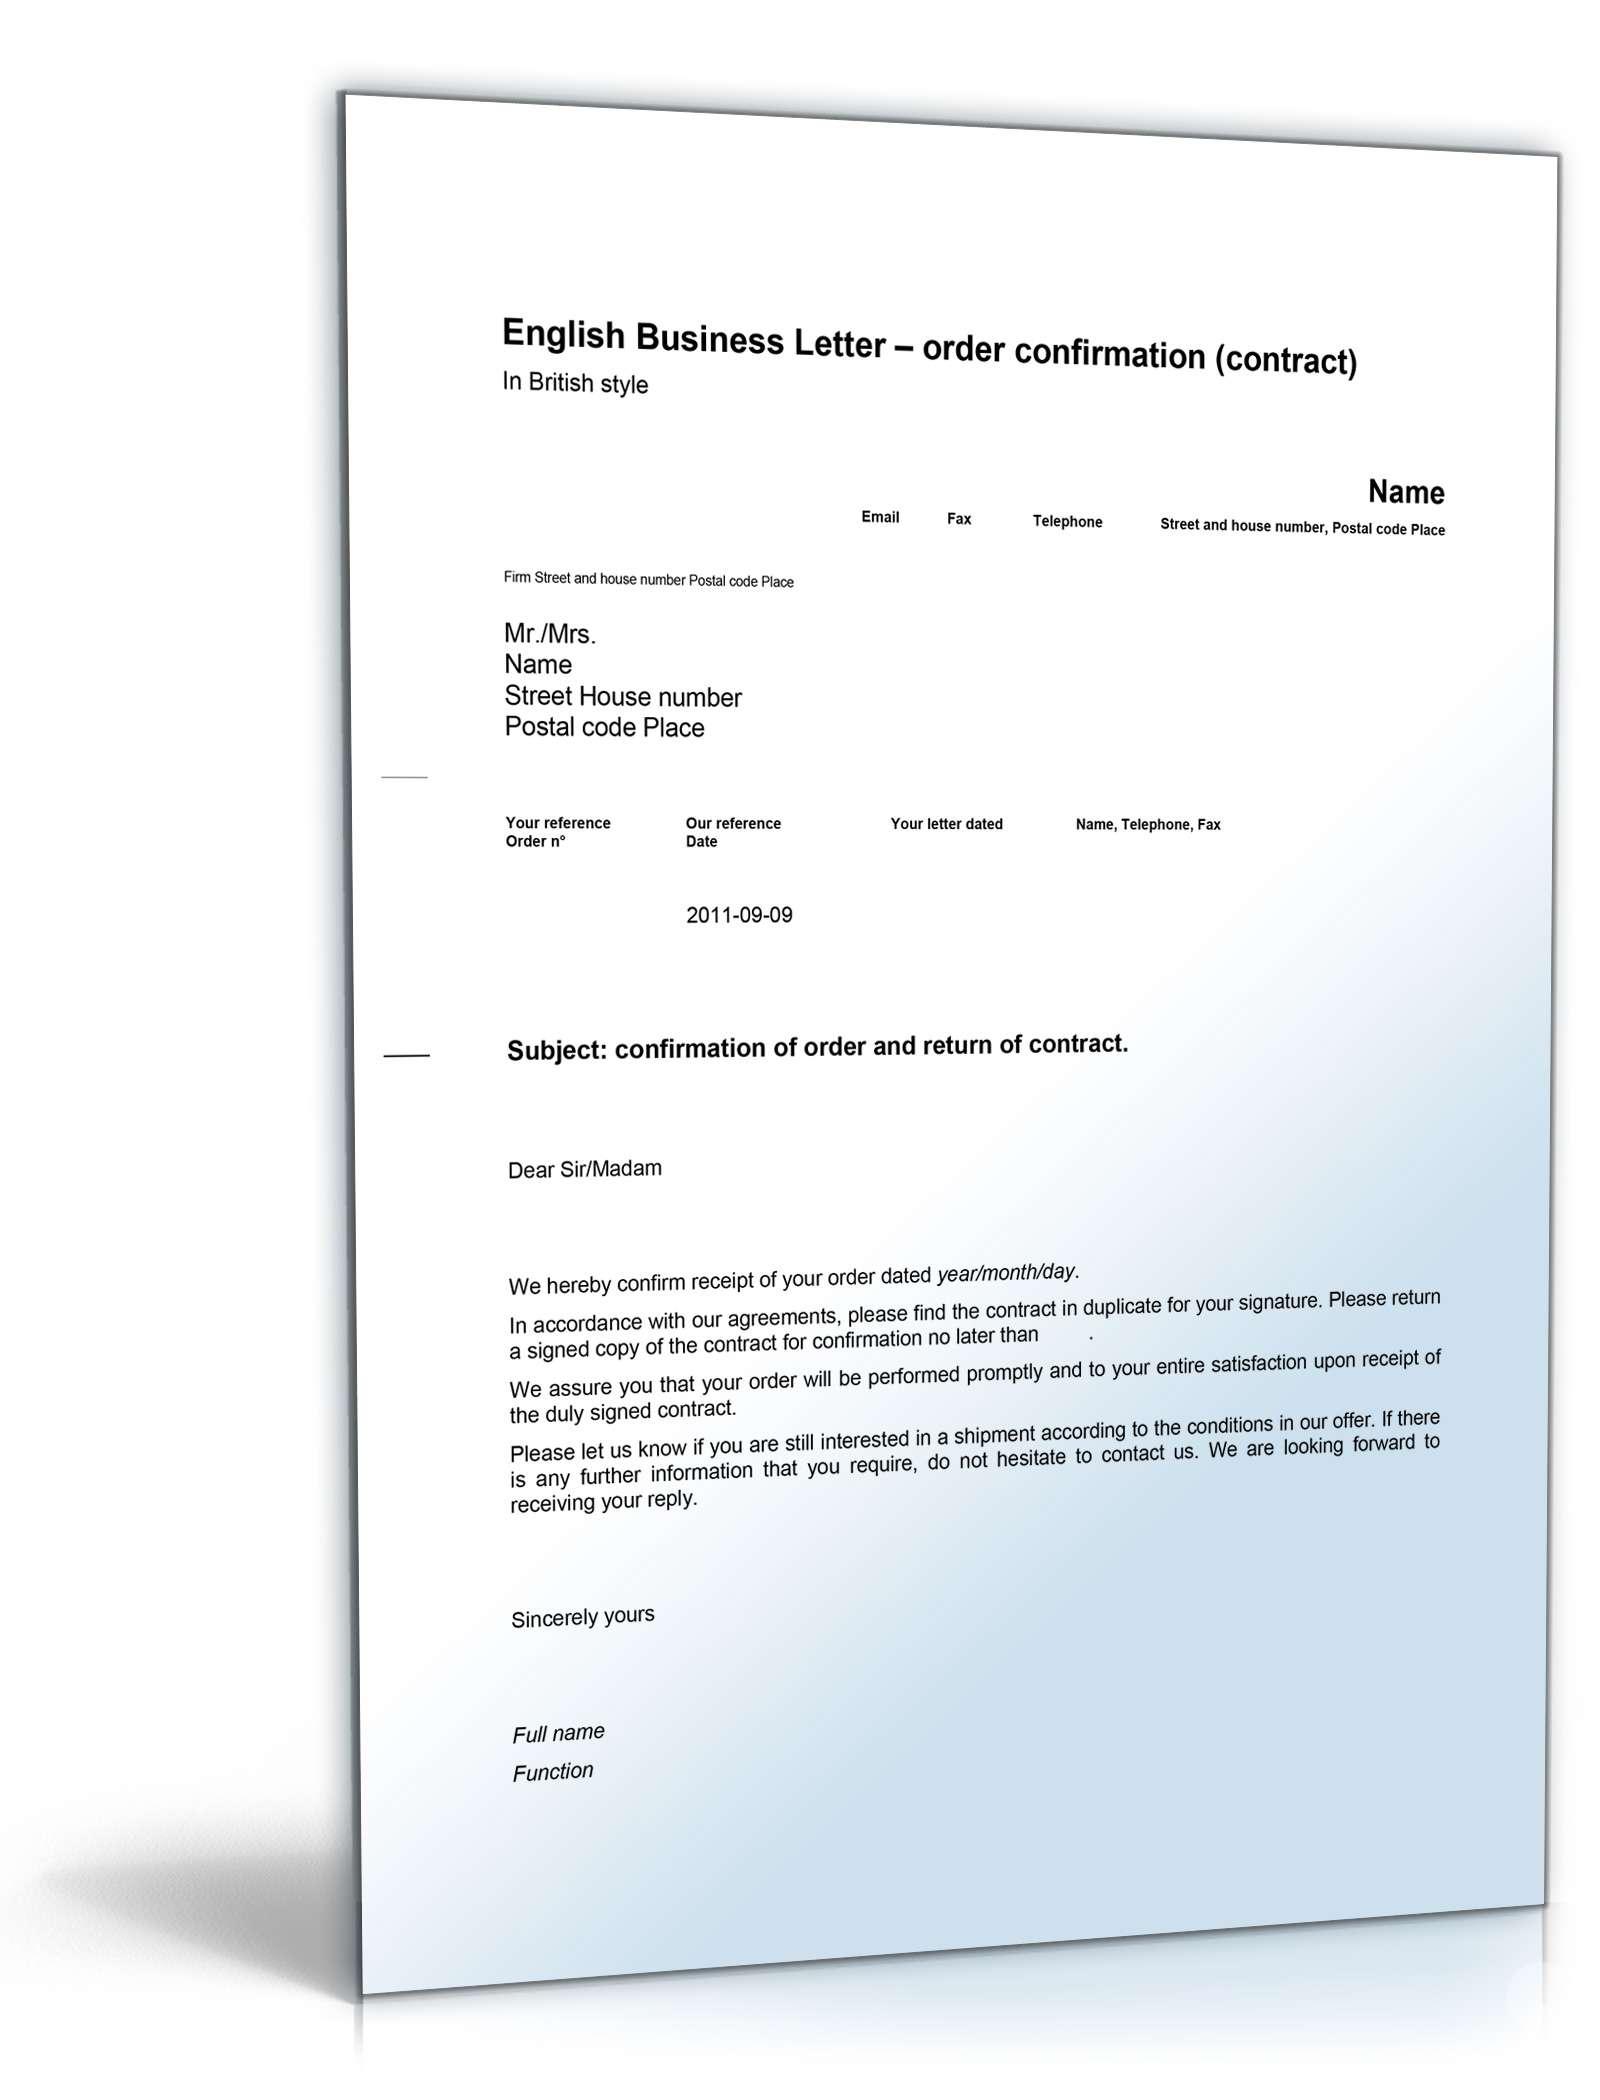 Musterbriefe Geschäftsbriefe : Auftragsbestätigung auf englisch order confirmation